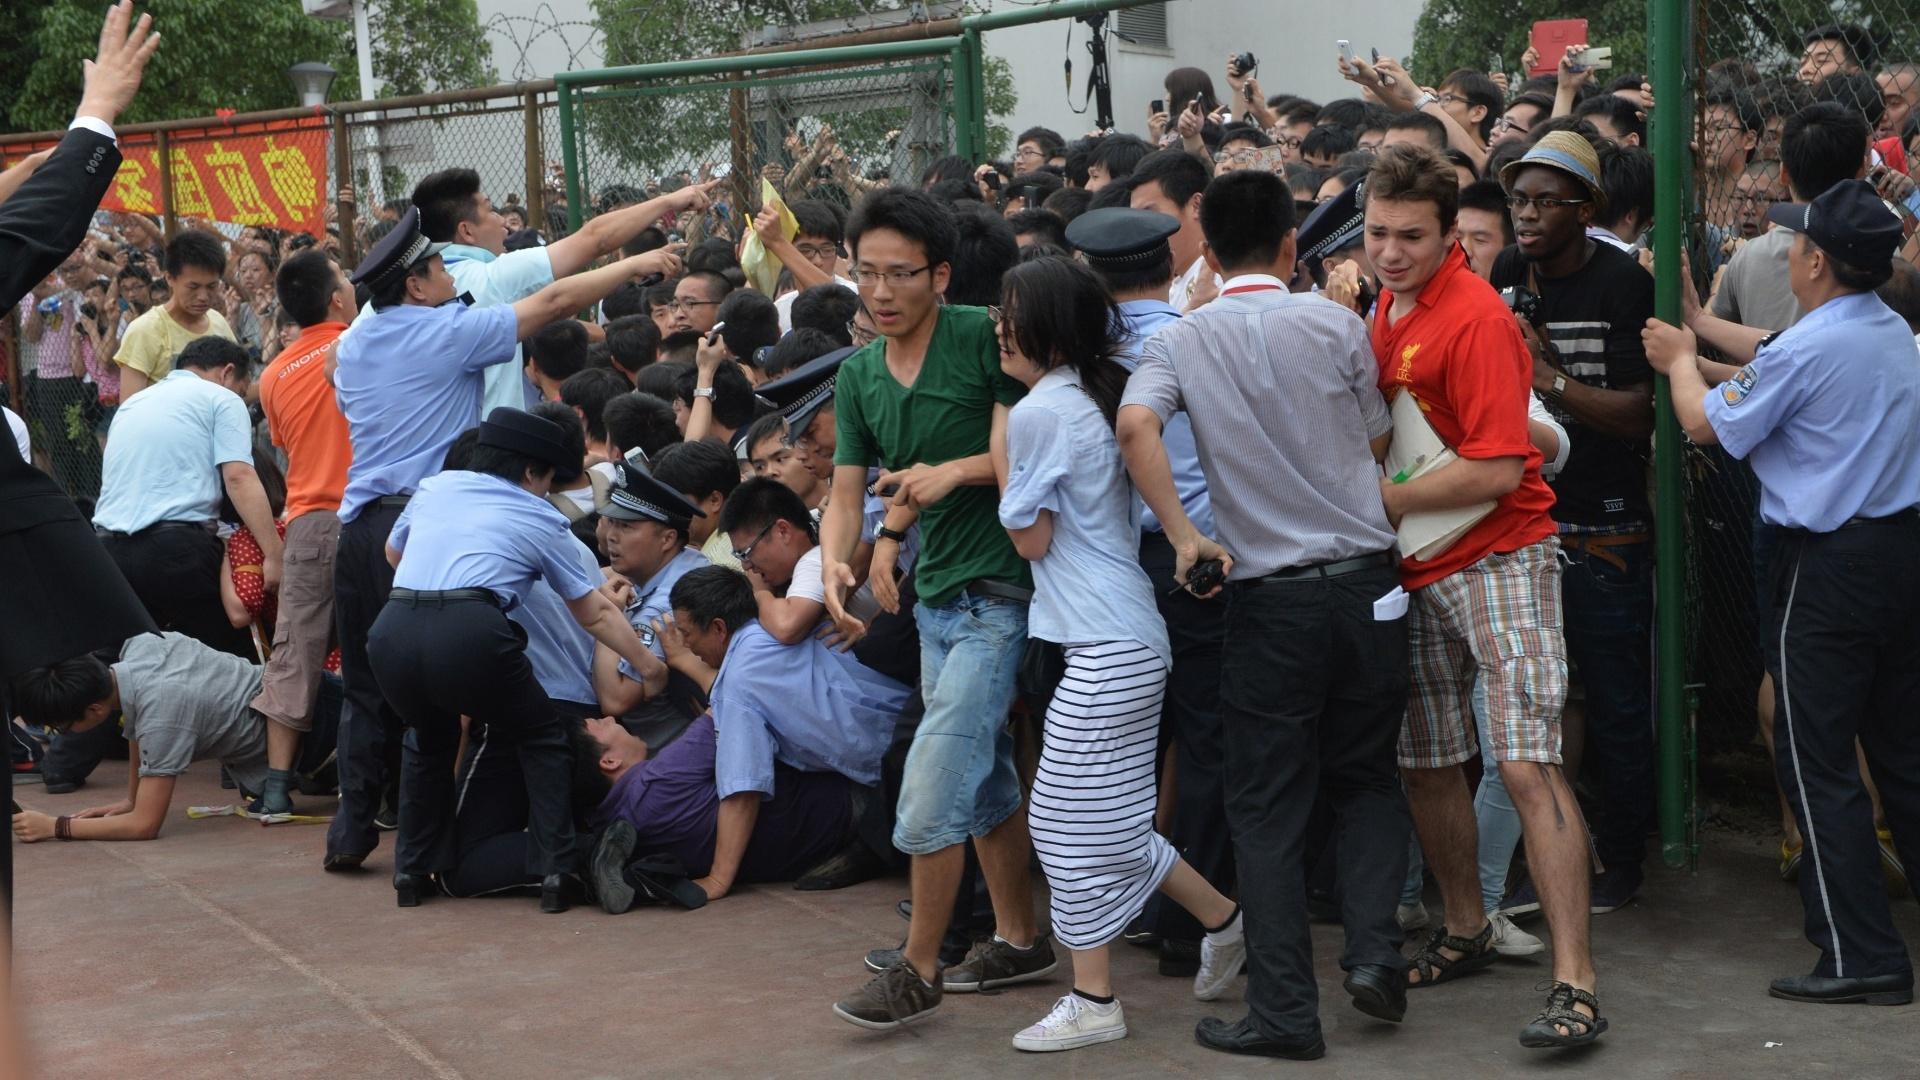 20.jun.2013 - Pessoas caem durante empurra-empurra nesta quinta-feira (20) enquanto tentam ver David Beckam, durante uma visita do ex-jogador de futebol à Universidade de Tonji, em Xangai (China). Ao menos cinco pessoas se feriram, incluindo uma policial, de acordo com a imprensa local e um fotógrafo da AFP que presenciou a cena